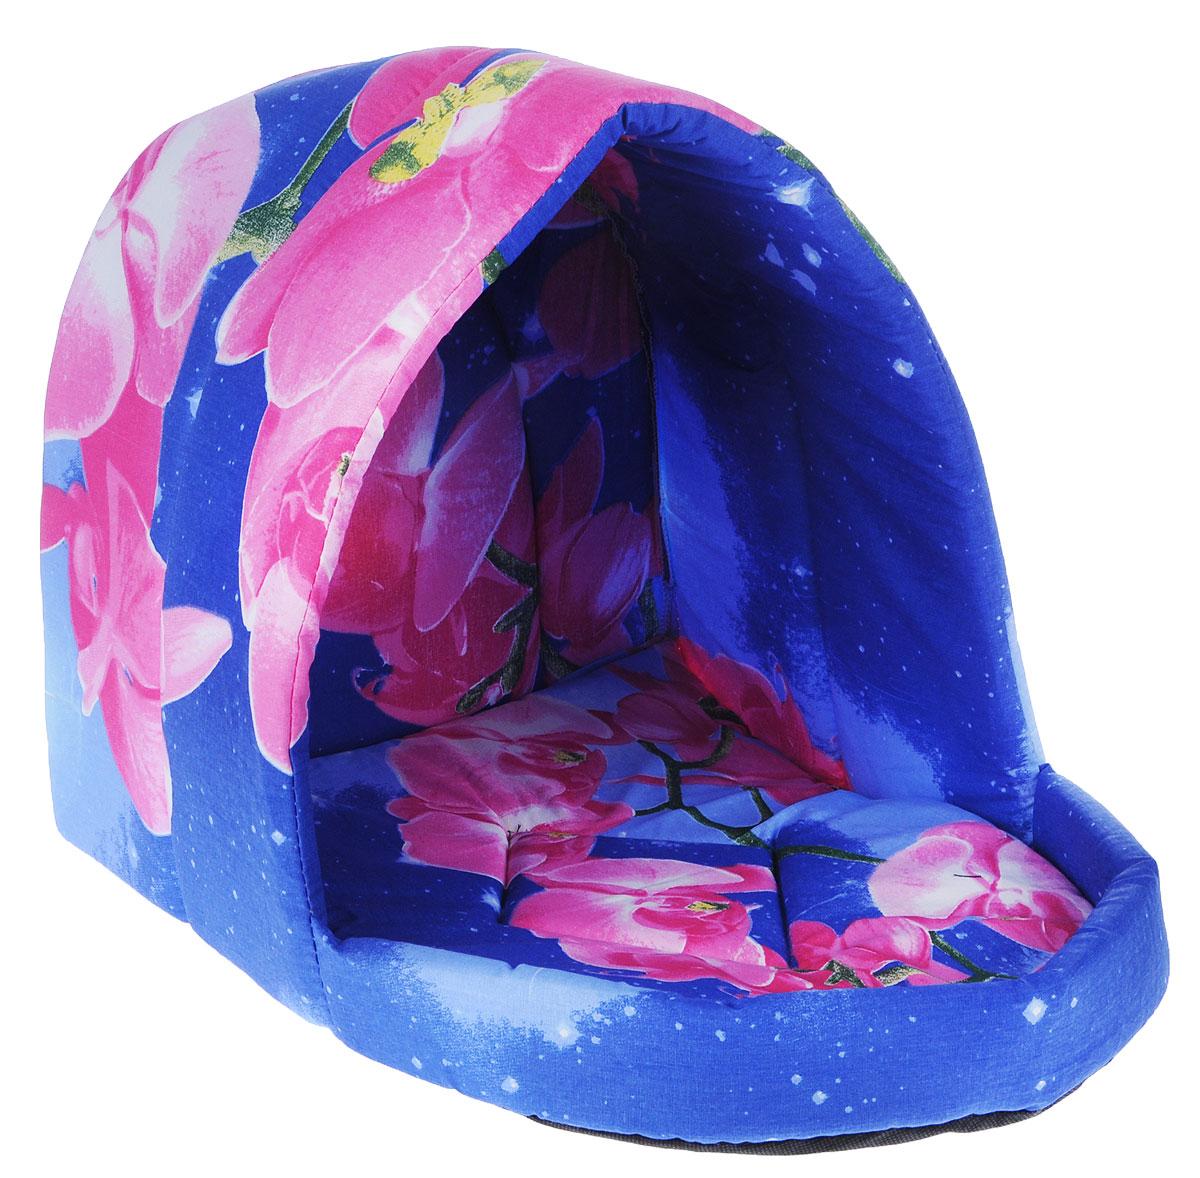 Лежак для животных Elite Valley Люлька, цвет: синий, розовый, 50 х 38 х 38 см. Л-11/4 лежак для животных elite valley пуфик цвет синий розовый зеленый 90 х 70 х 18 см л 4 5